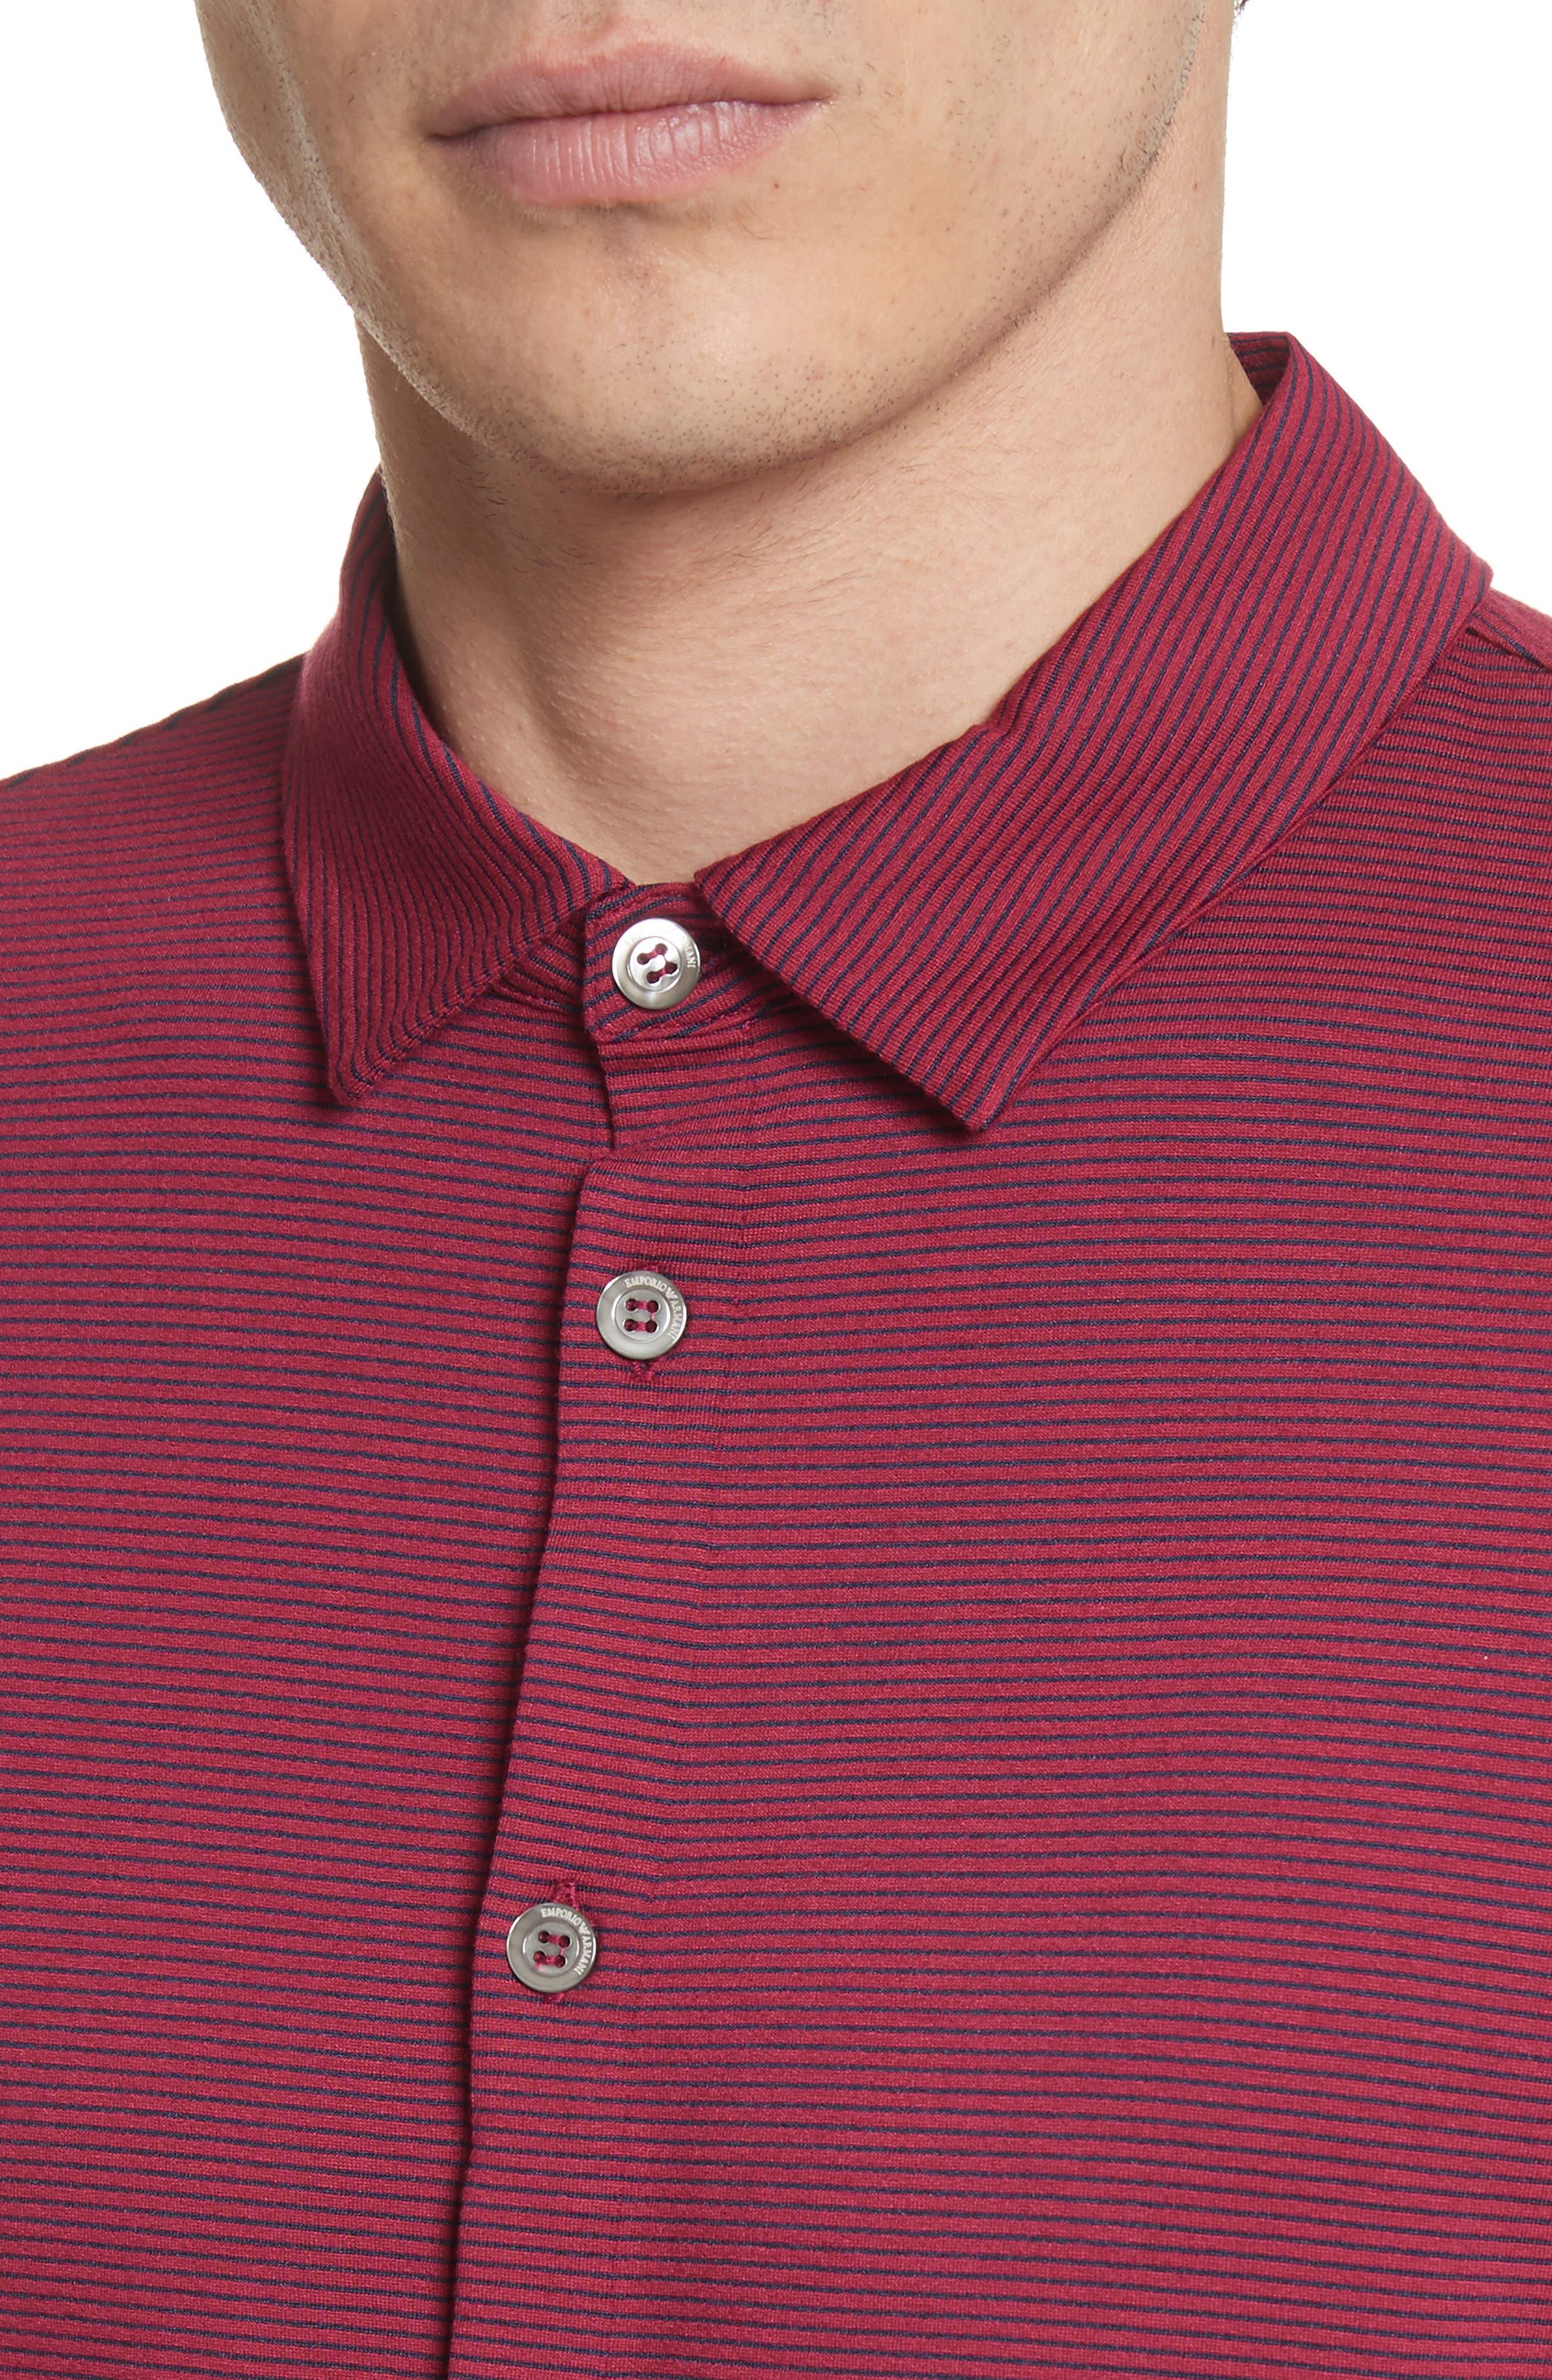 Slim Fit Knit Shirt,                             Alternate thumbnail 4, color,                             Borgogna